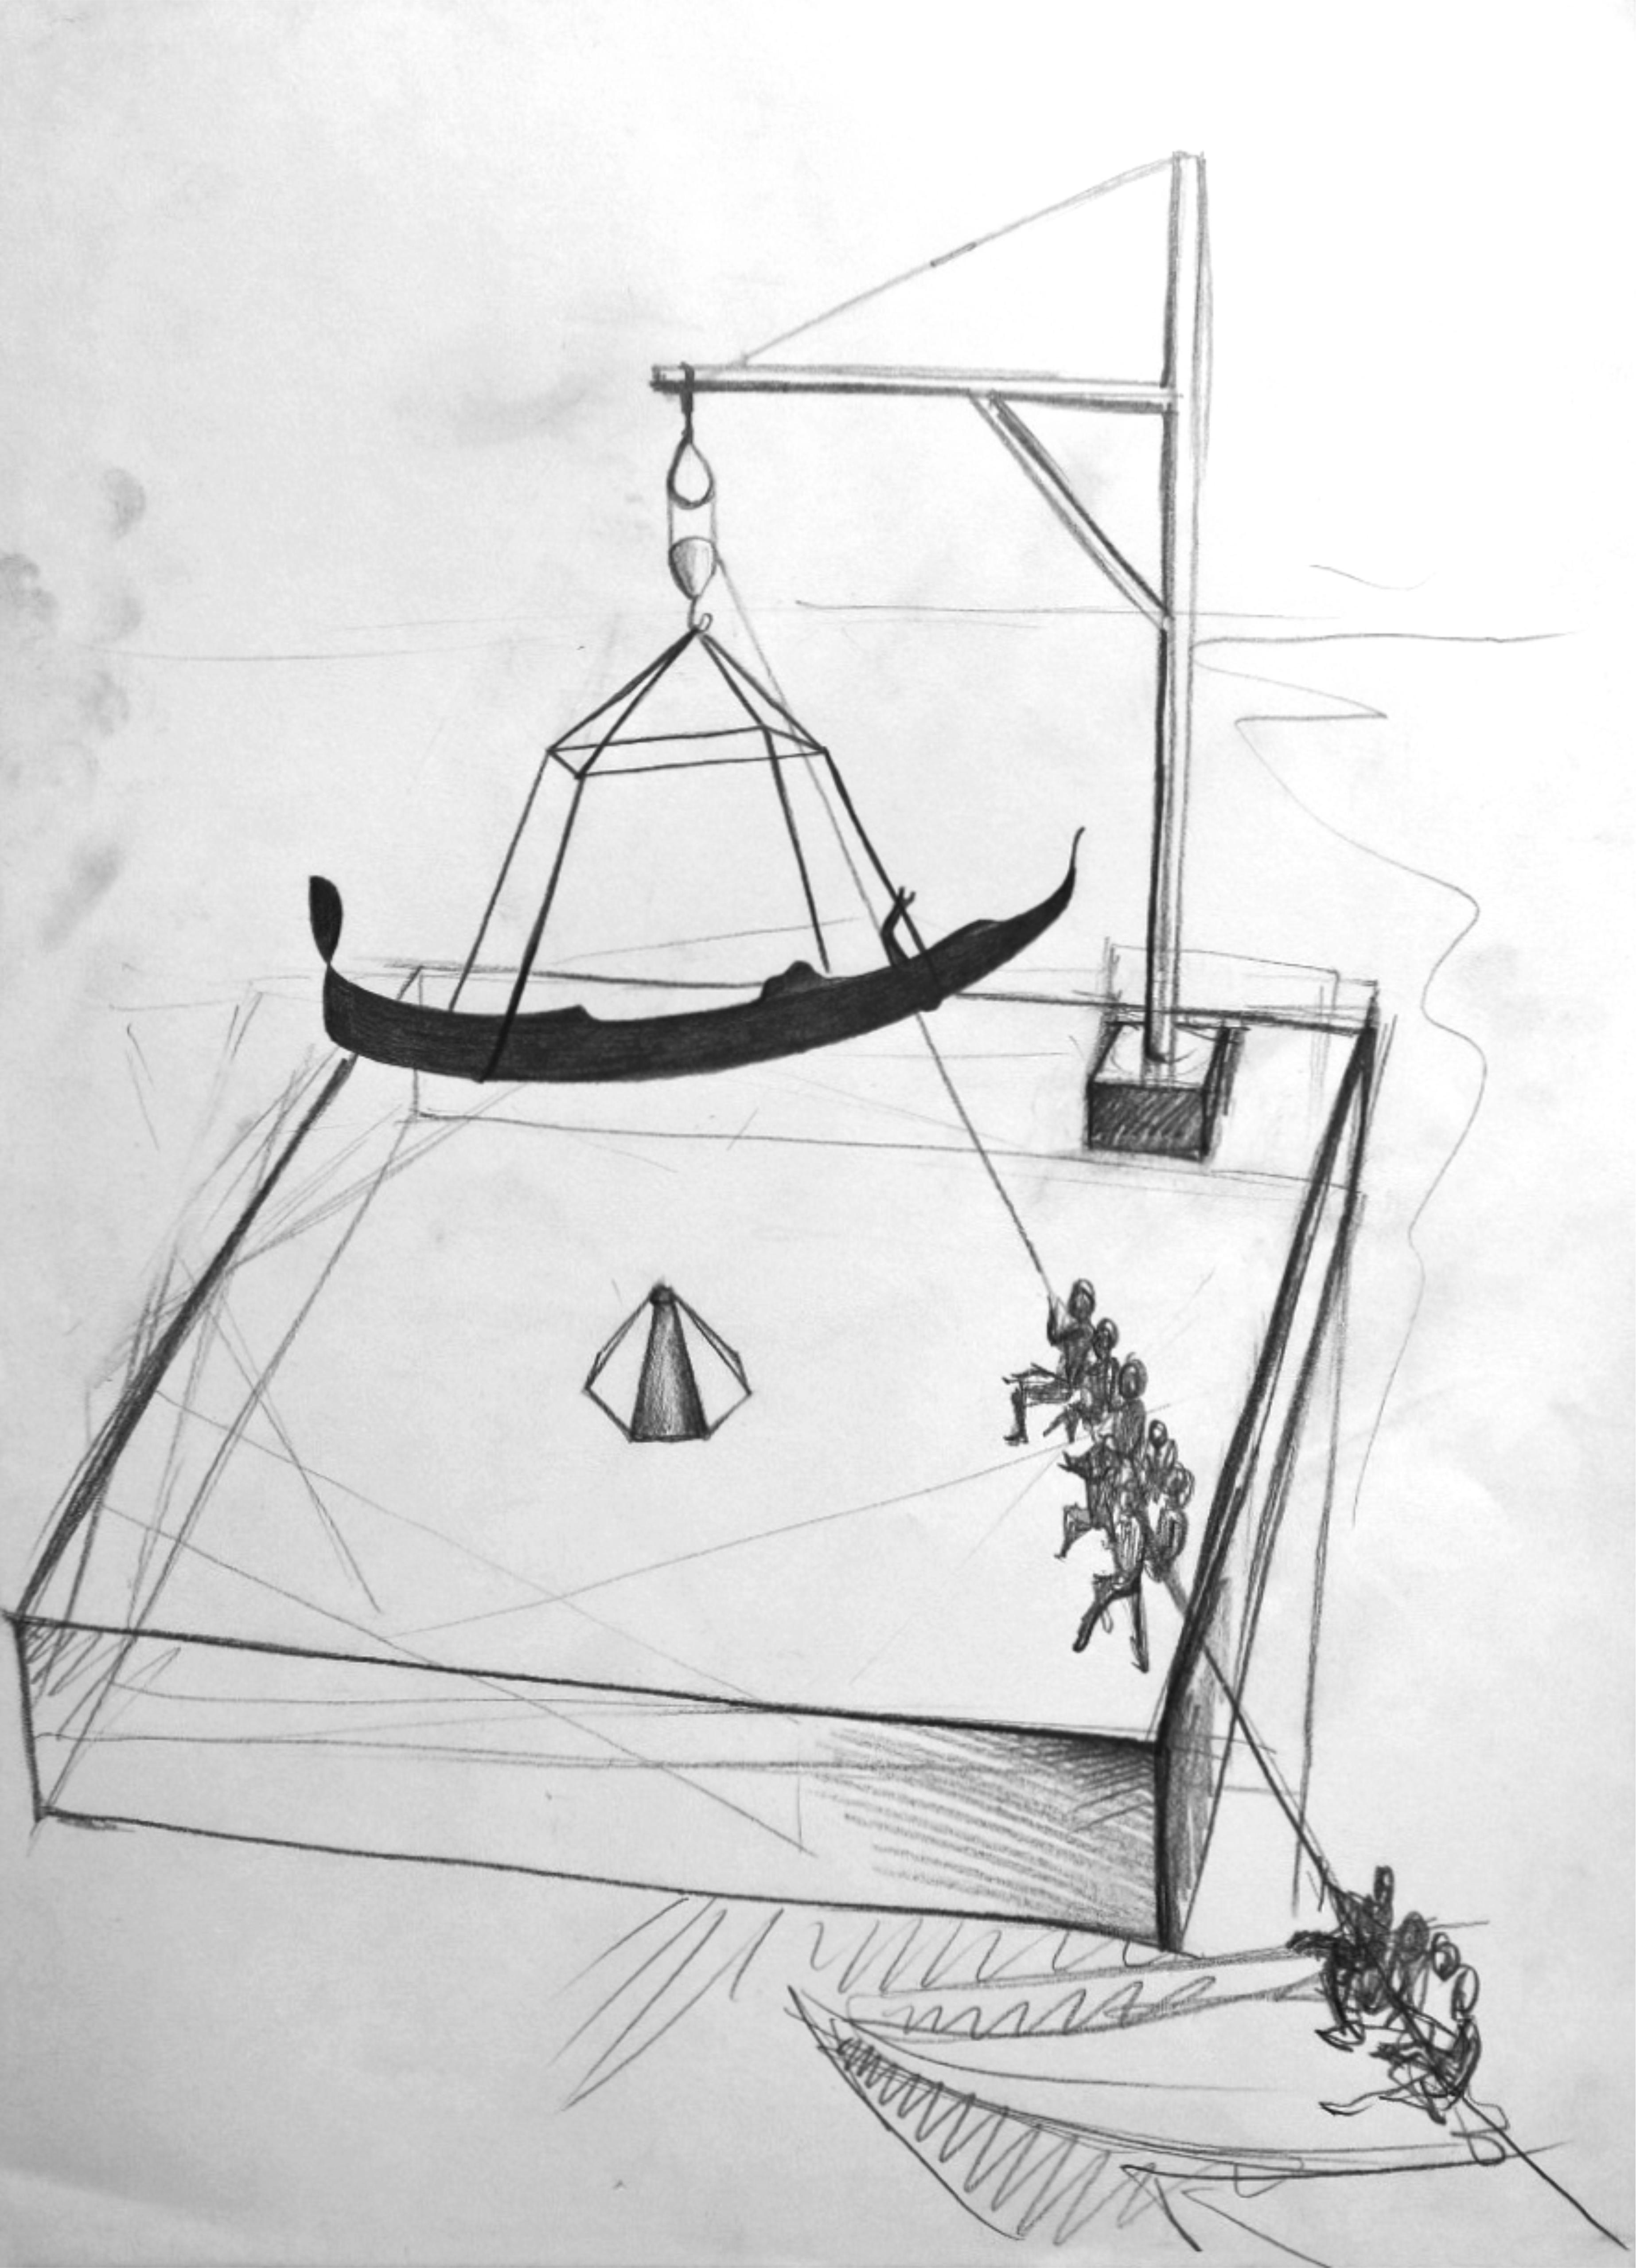 Meta Gondola Fisica, 2017, grafite su carta, cm 42 x 29,7